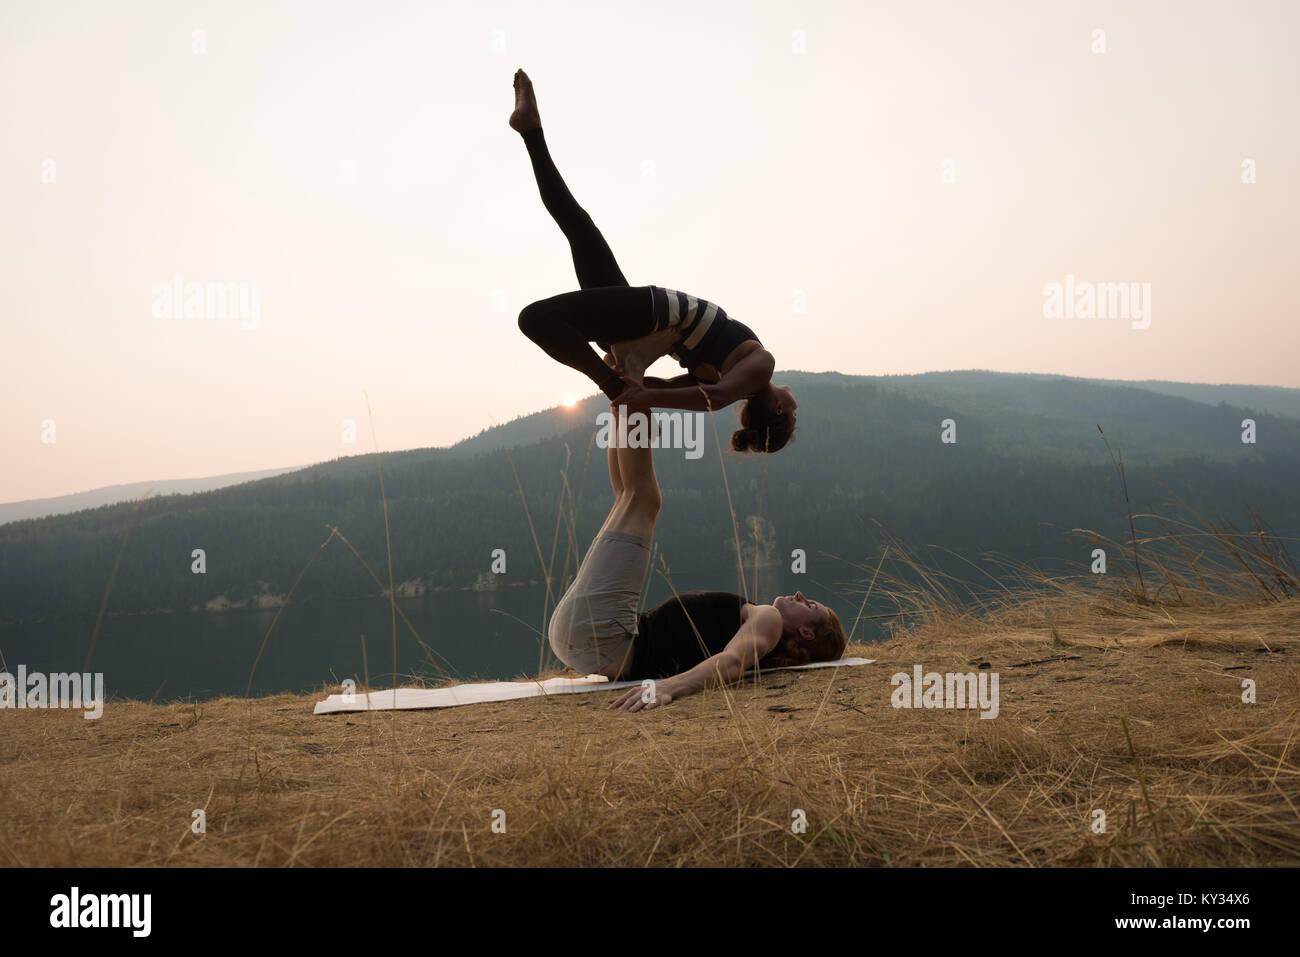 Pareja deportiva practicando yoga acro en un exuberante terreno verde Imagen De Stock